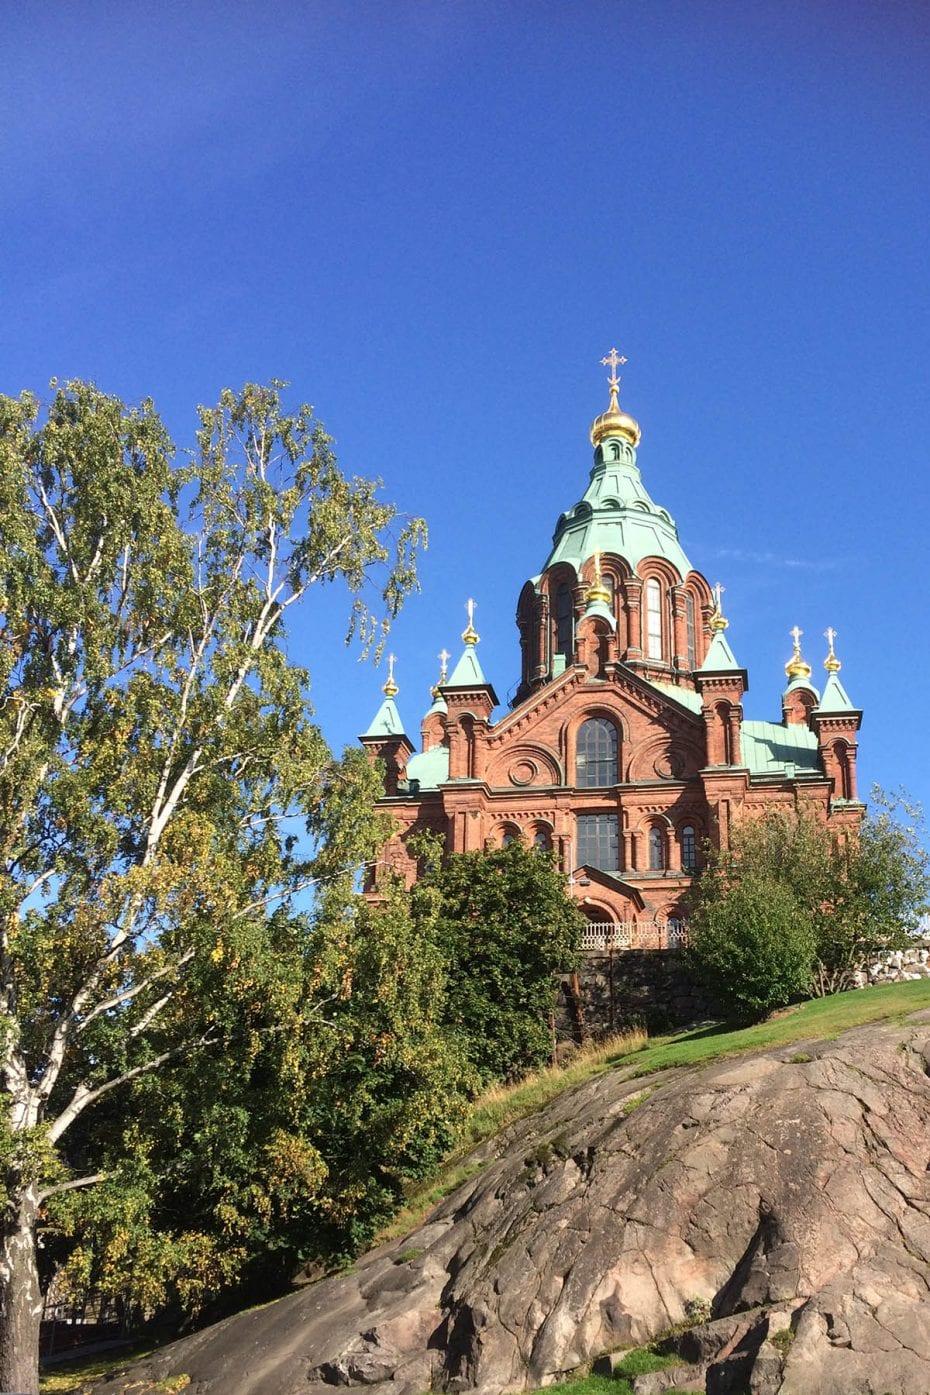 Städtereise Helsinki an einem Tag – die Uspenski-Kathedrale ist ein absolutes Highlight